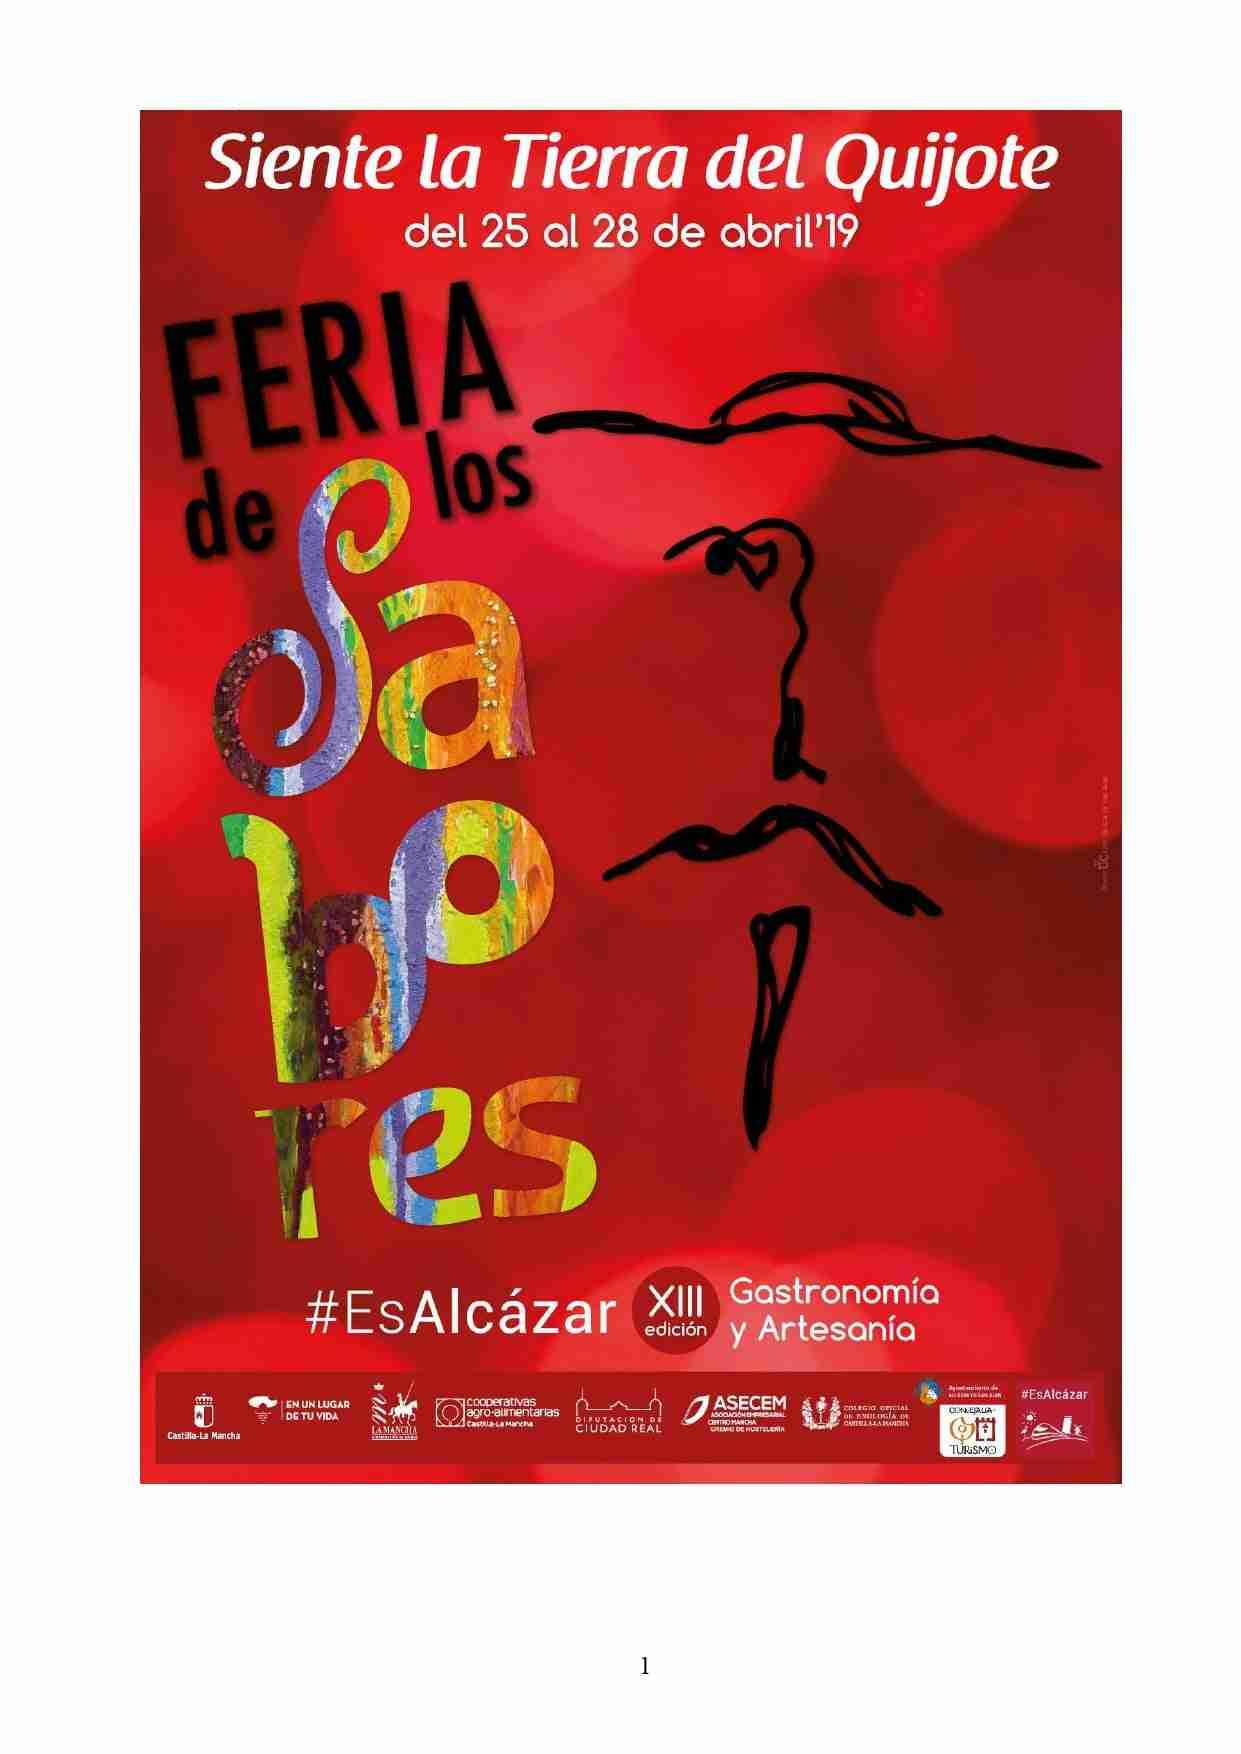 Presentada la programación de la Feria de los Sabores de la Tierra del Quijote 1